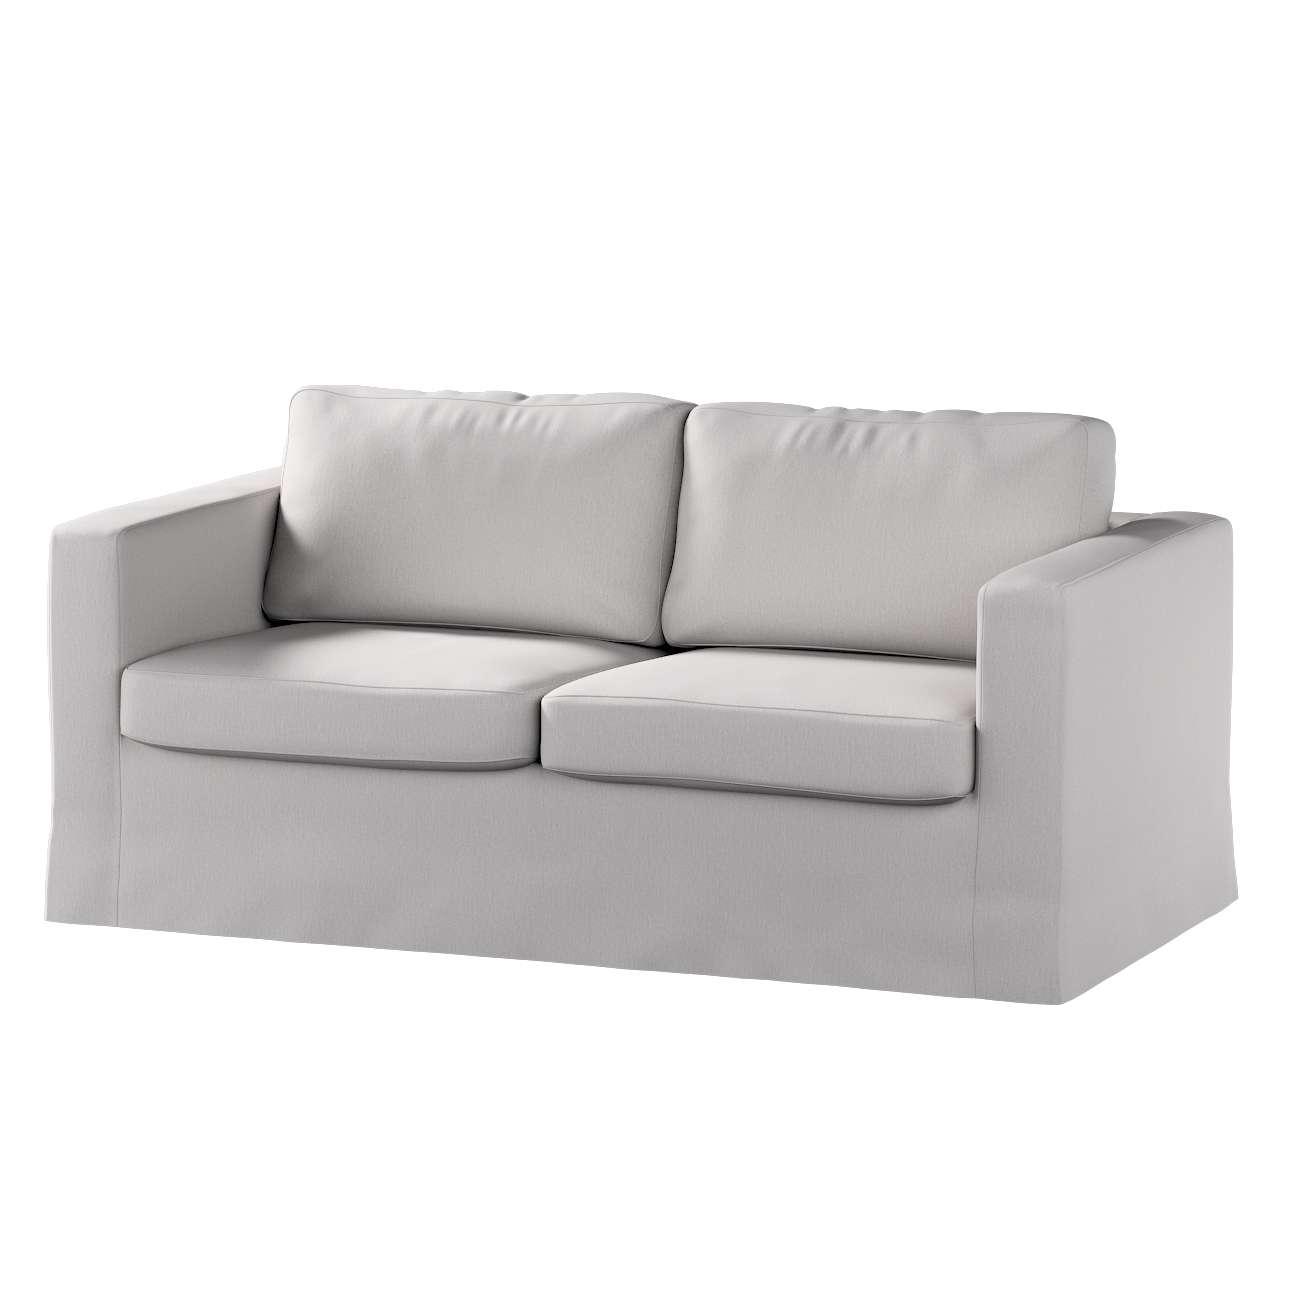 Hoes (lang) voor IKEA-Karlstad 2-zitsbank van de collectie Chenille, Stof: 702-23